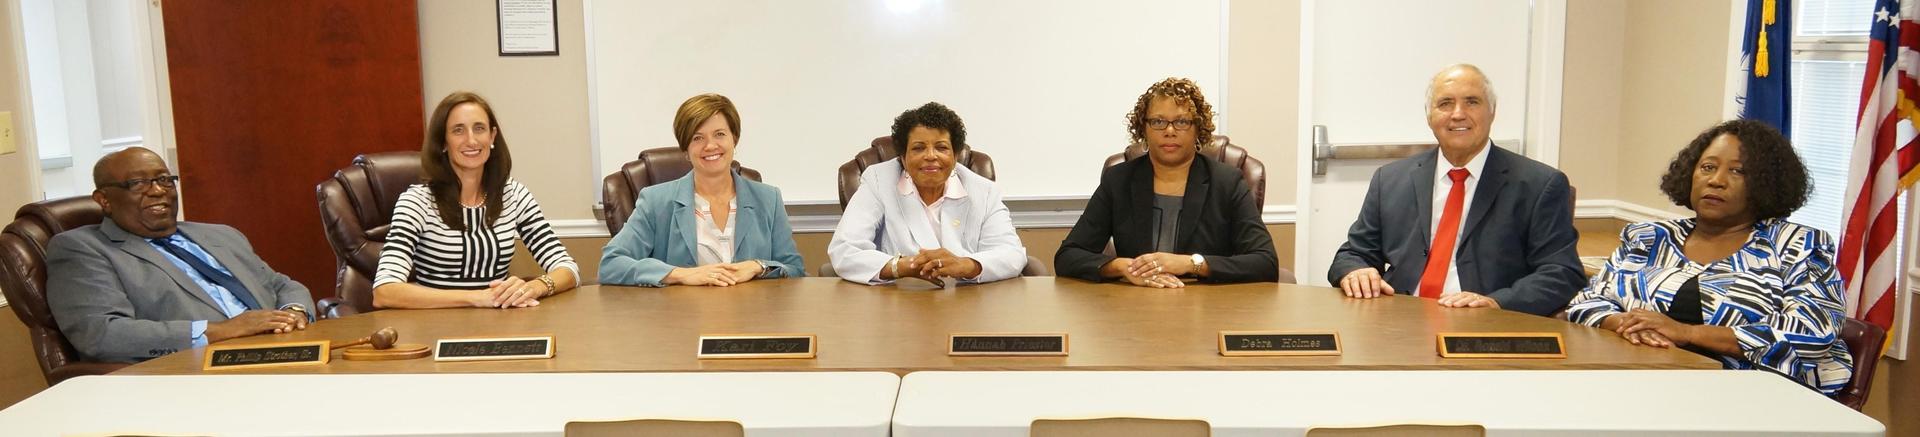 2019 - 2020 School Board